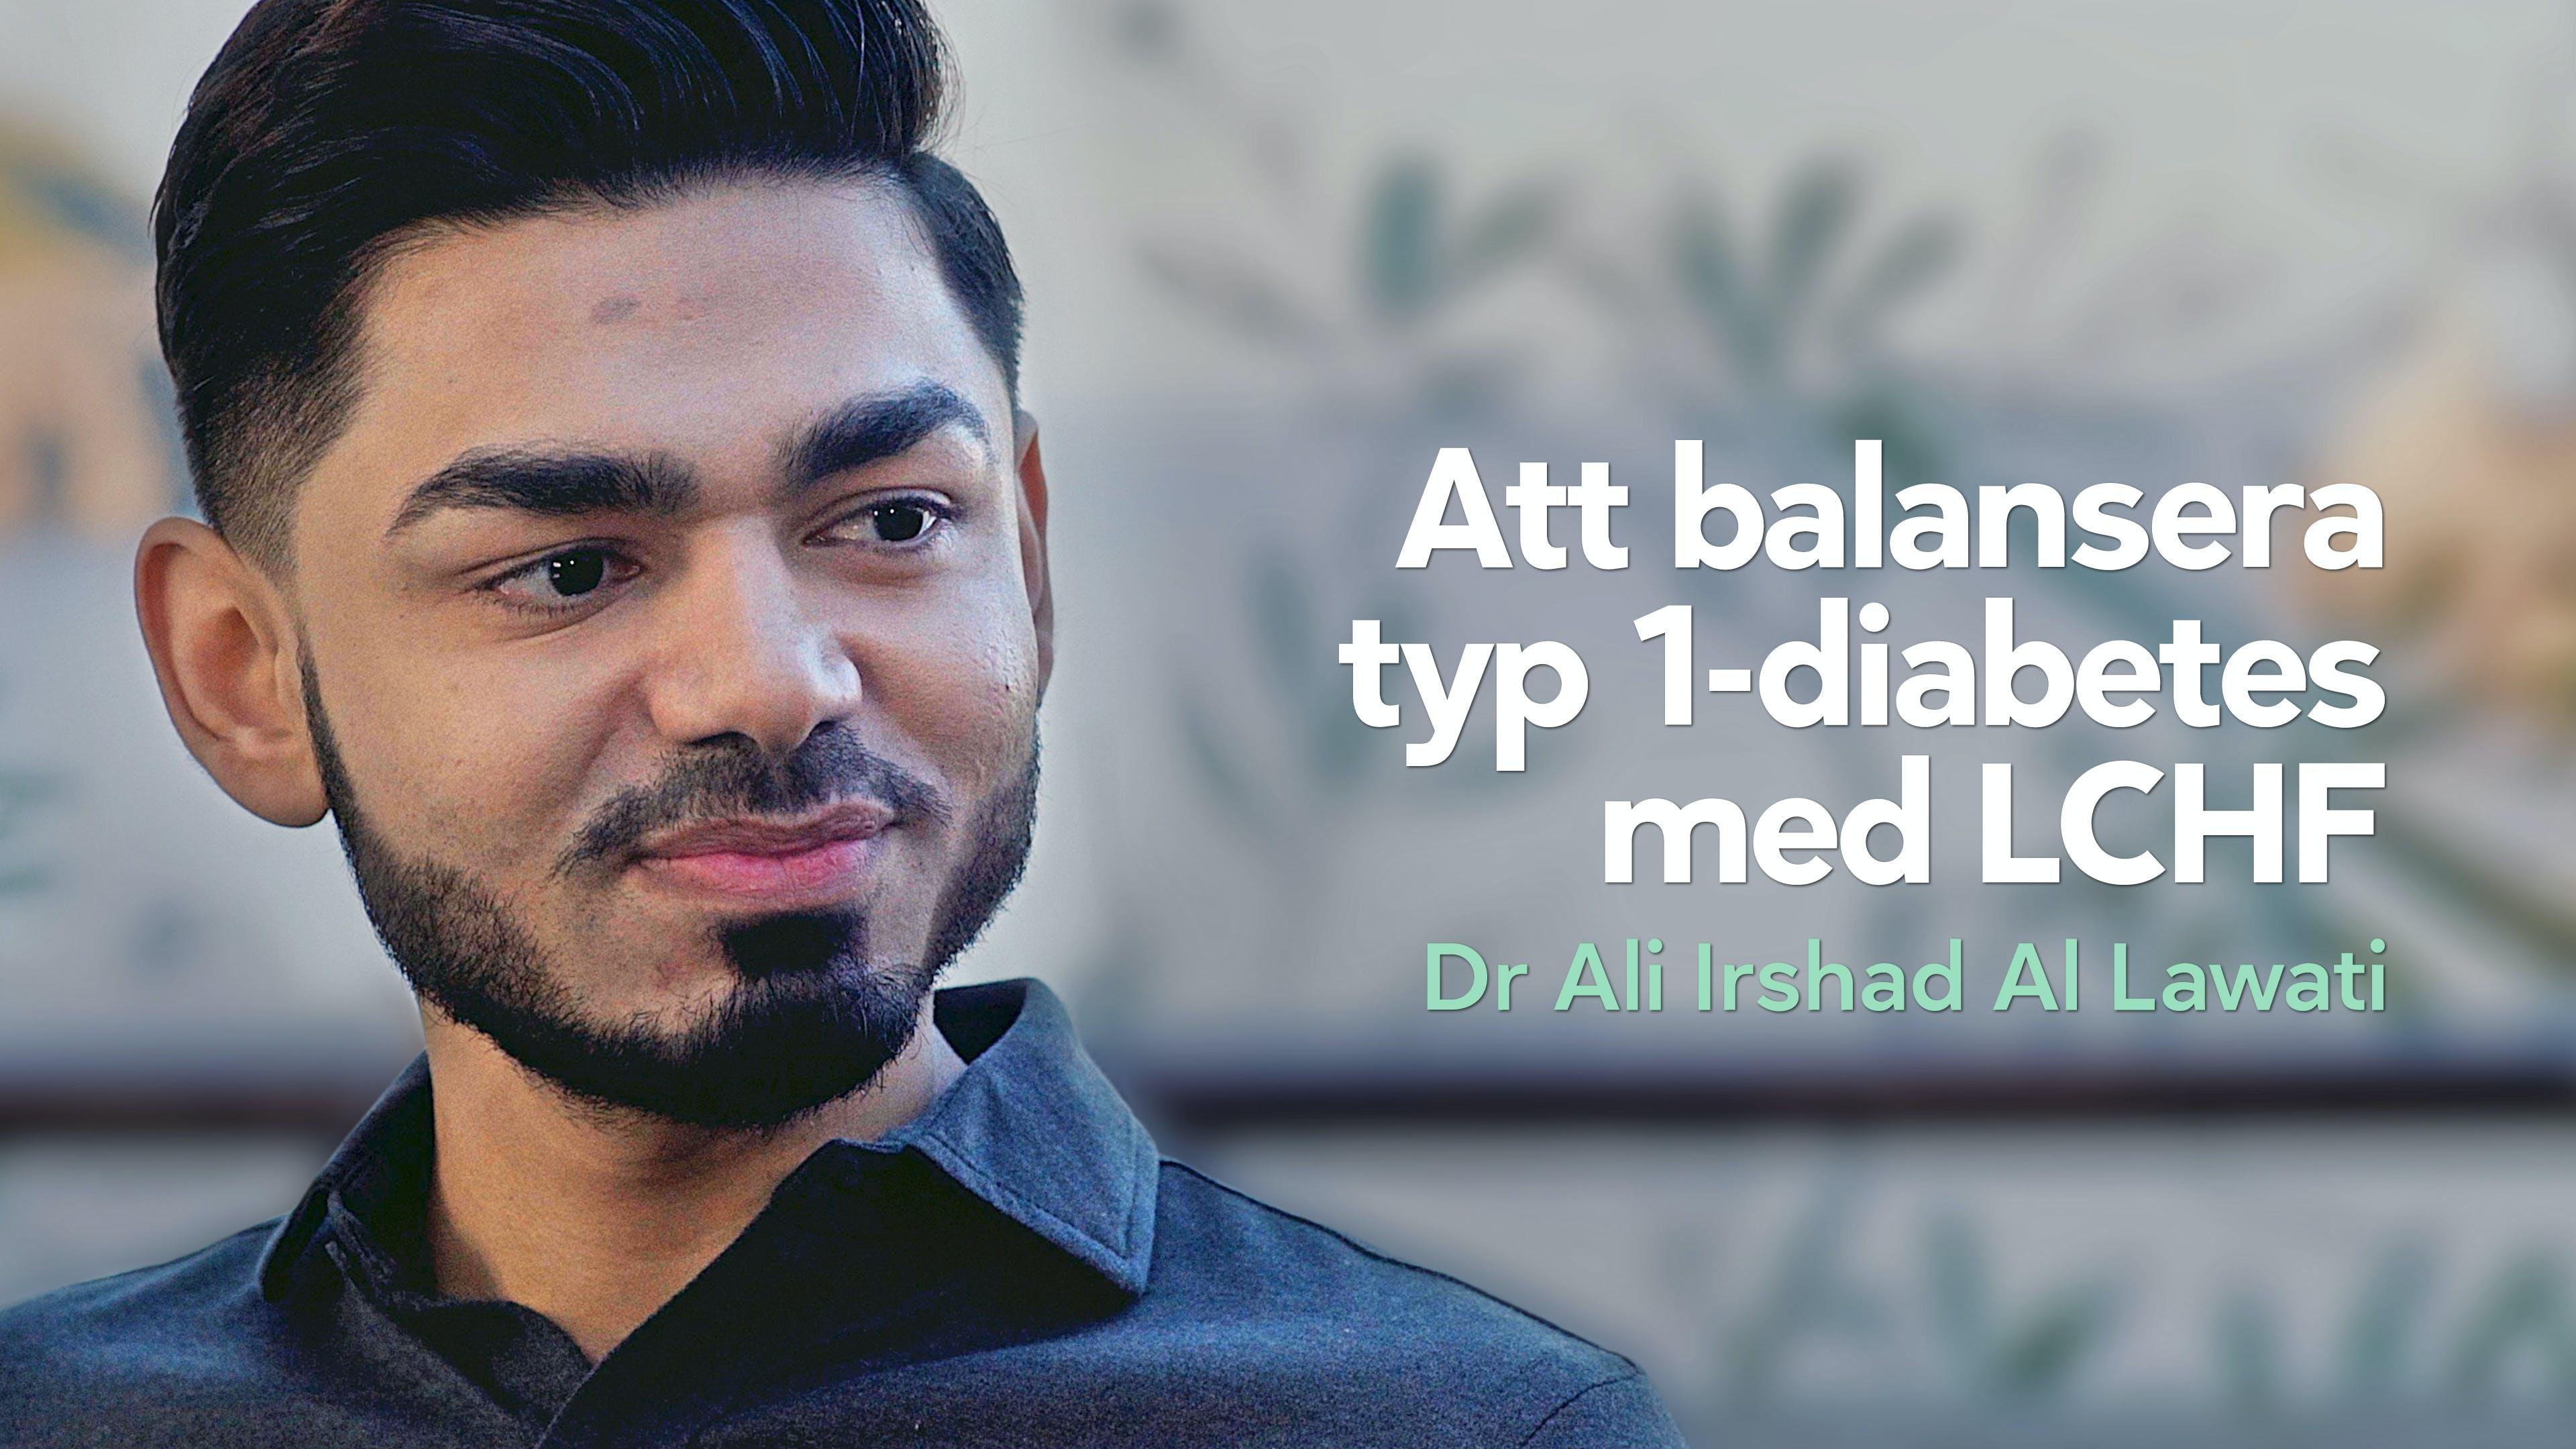 Att balansera typ 1-diabetes med LCHF